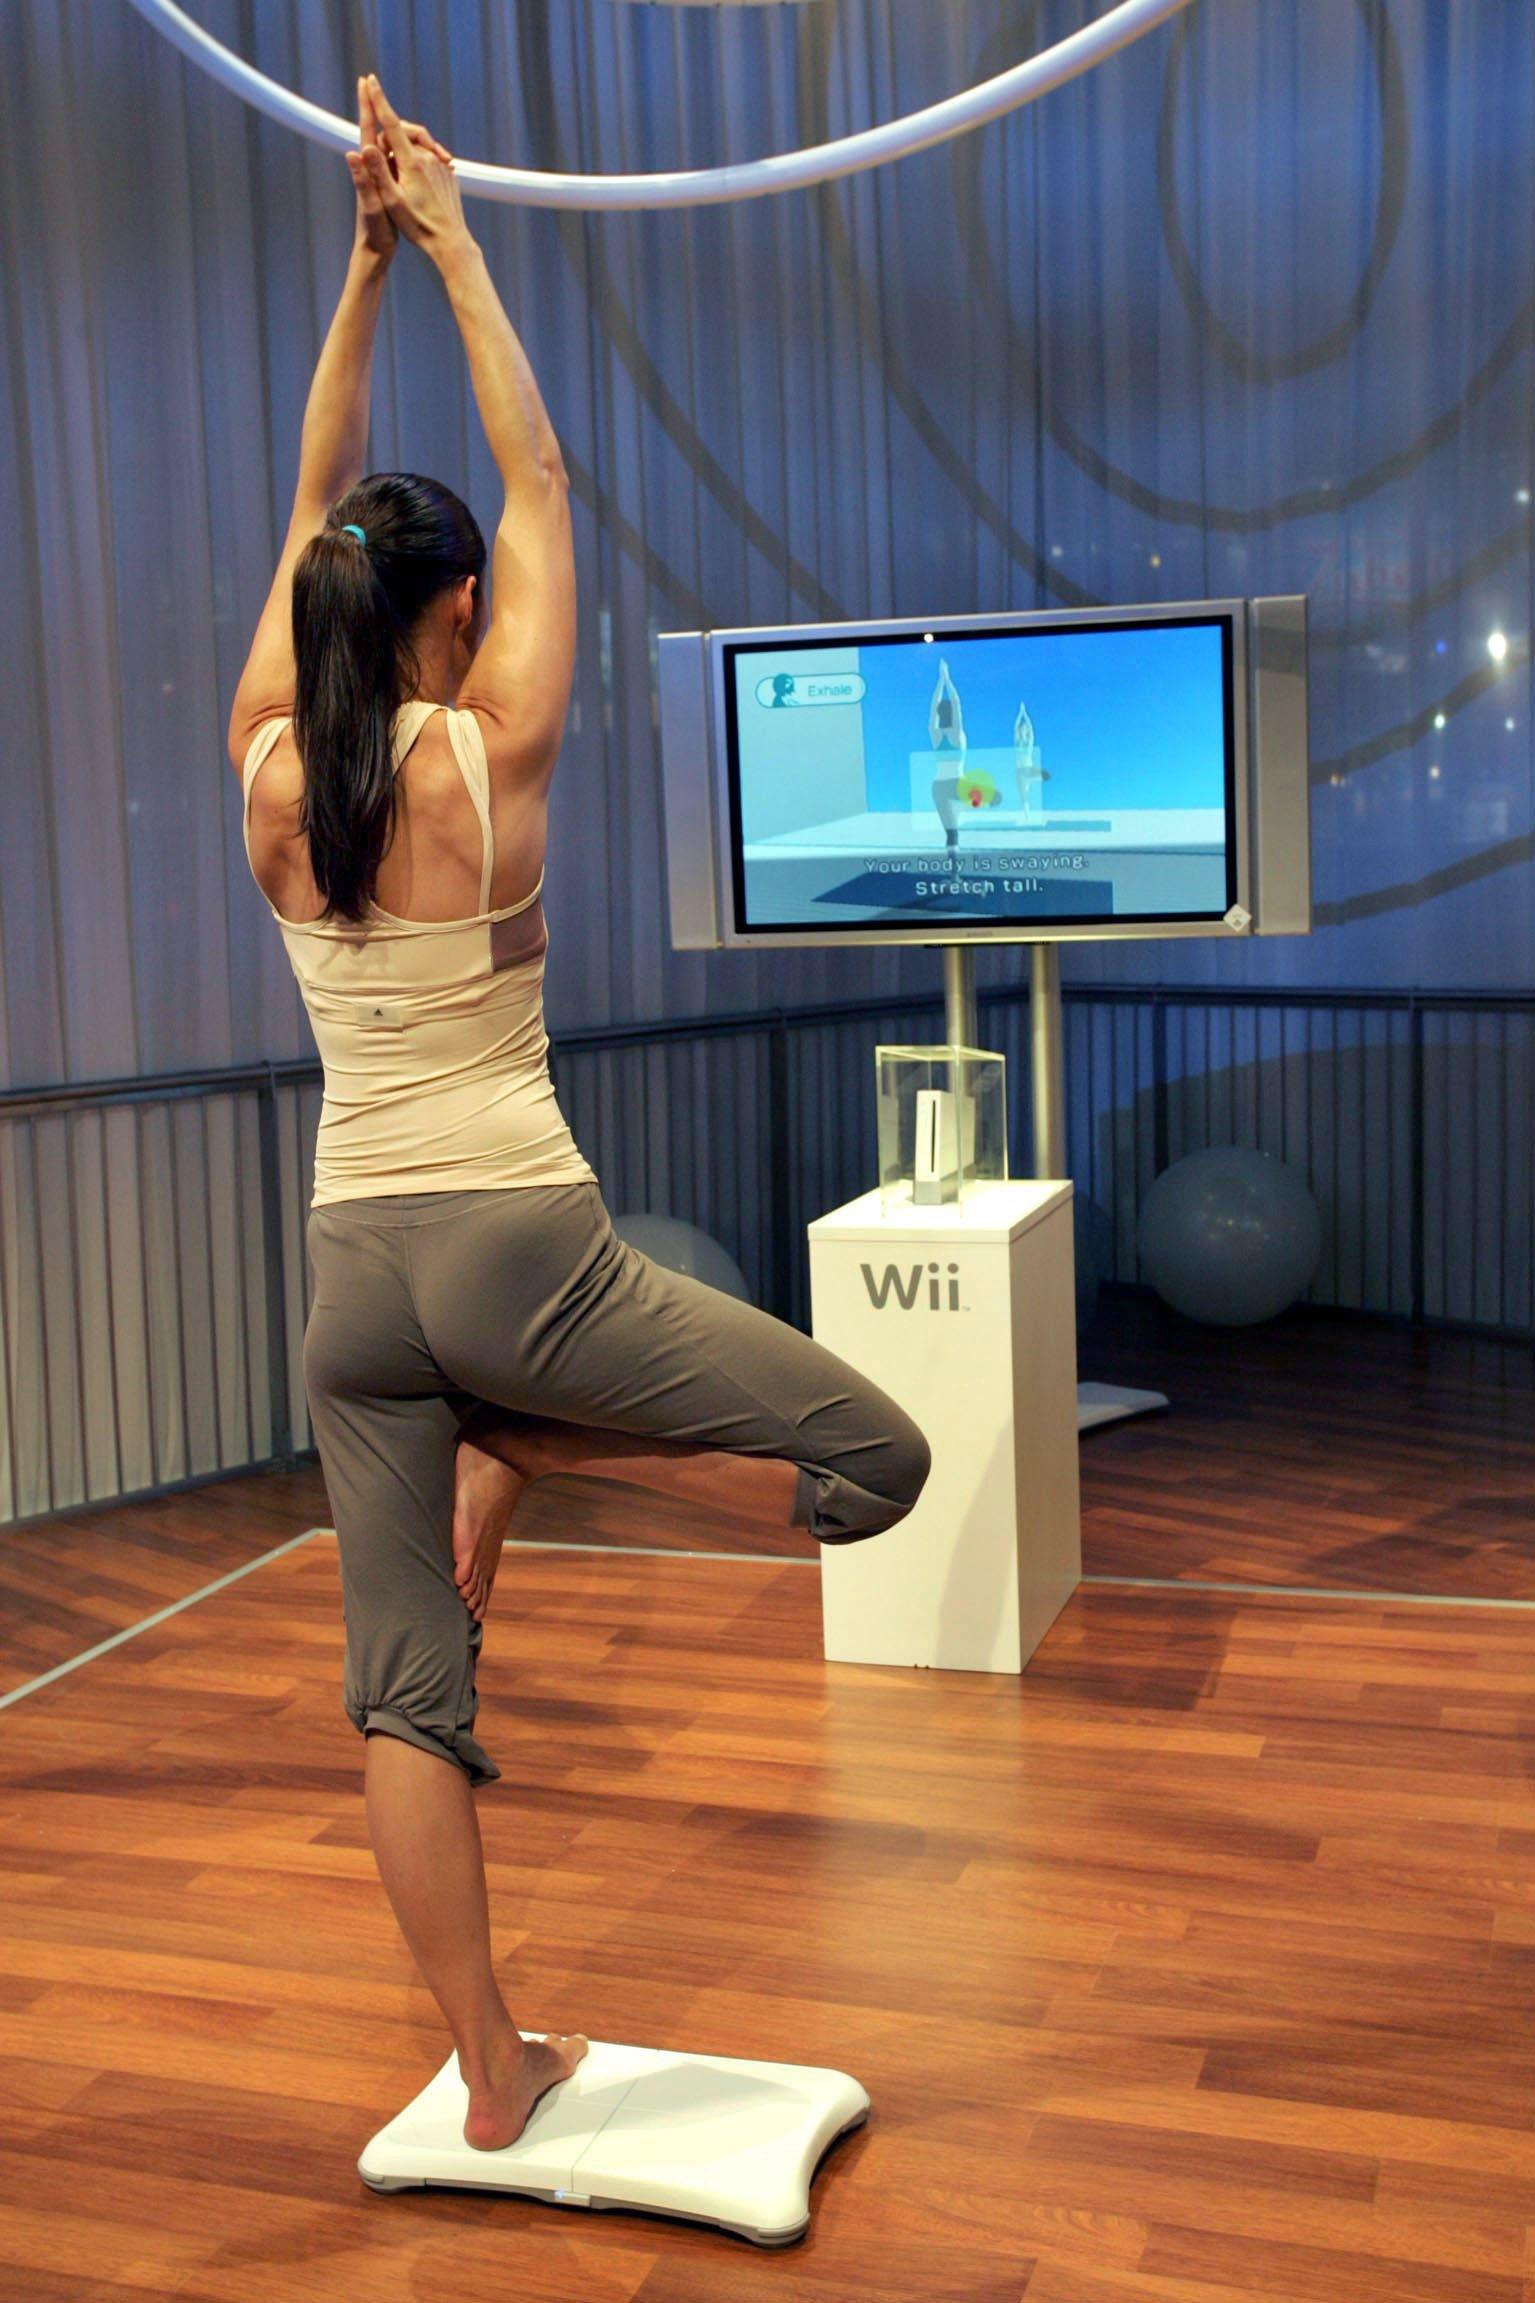 Mit der Wii Fit bietet Nintendo bereits ein Gerät an, mit dem man Gymnastik betreiben kann. Jetzt will Nintendo auch Geräte für die Gesundheit entwickeln. So soll der Schlaftracker ab 2016 den Schlaf überwachen.